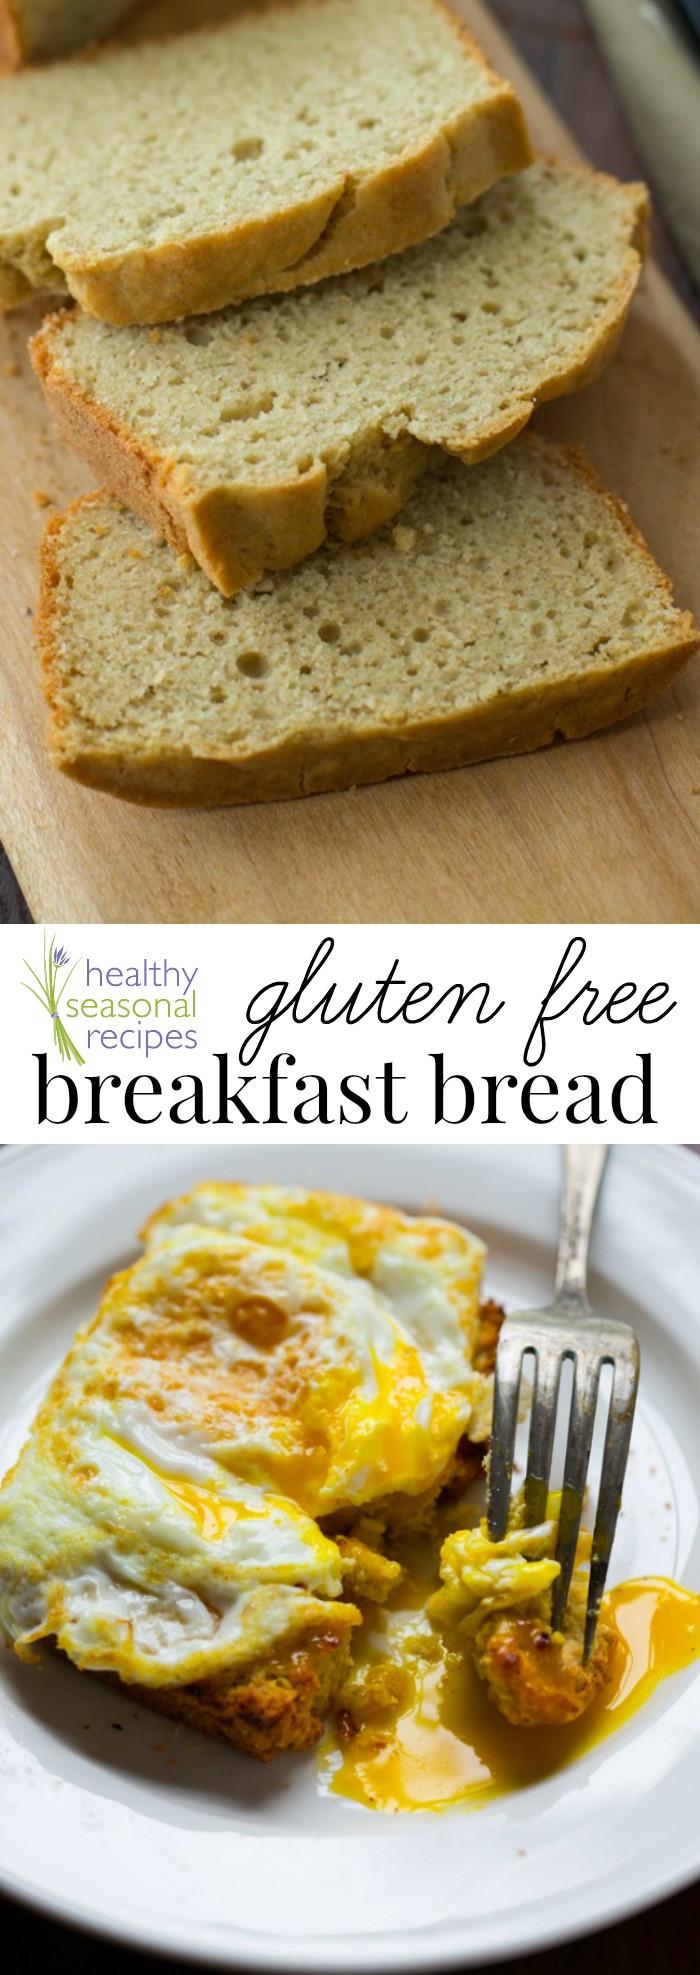 Healthy Gluten Free Bread Recipe  gluten free breakfast bread Healthy Seasonal Recipes